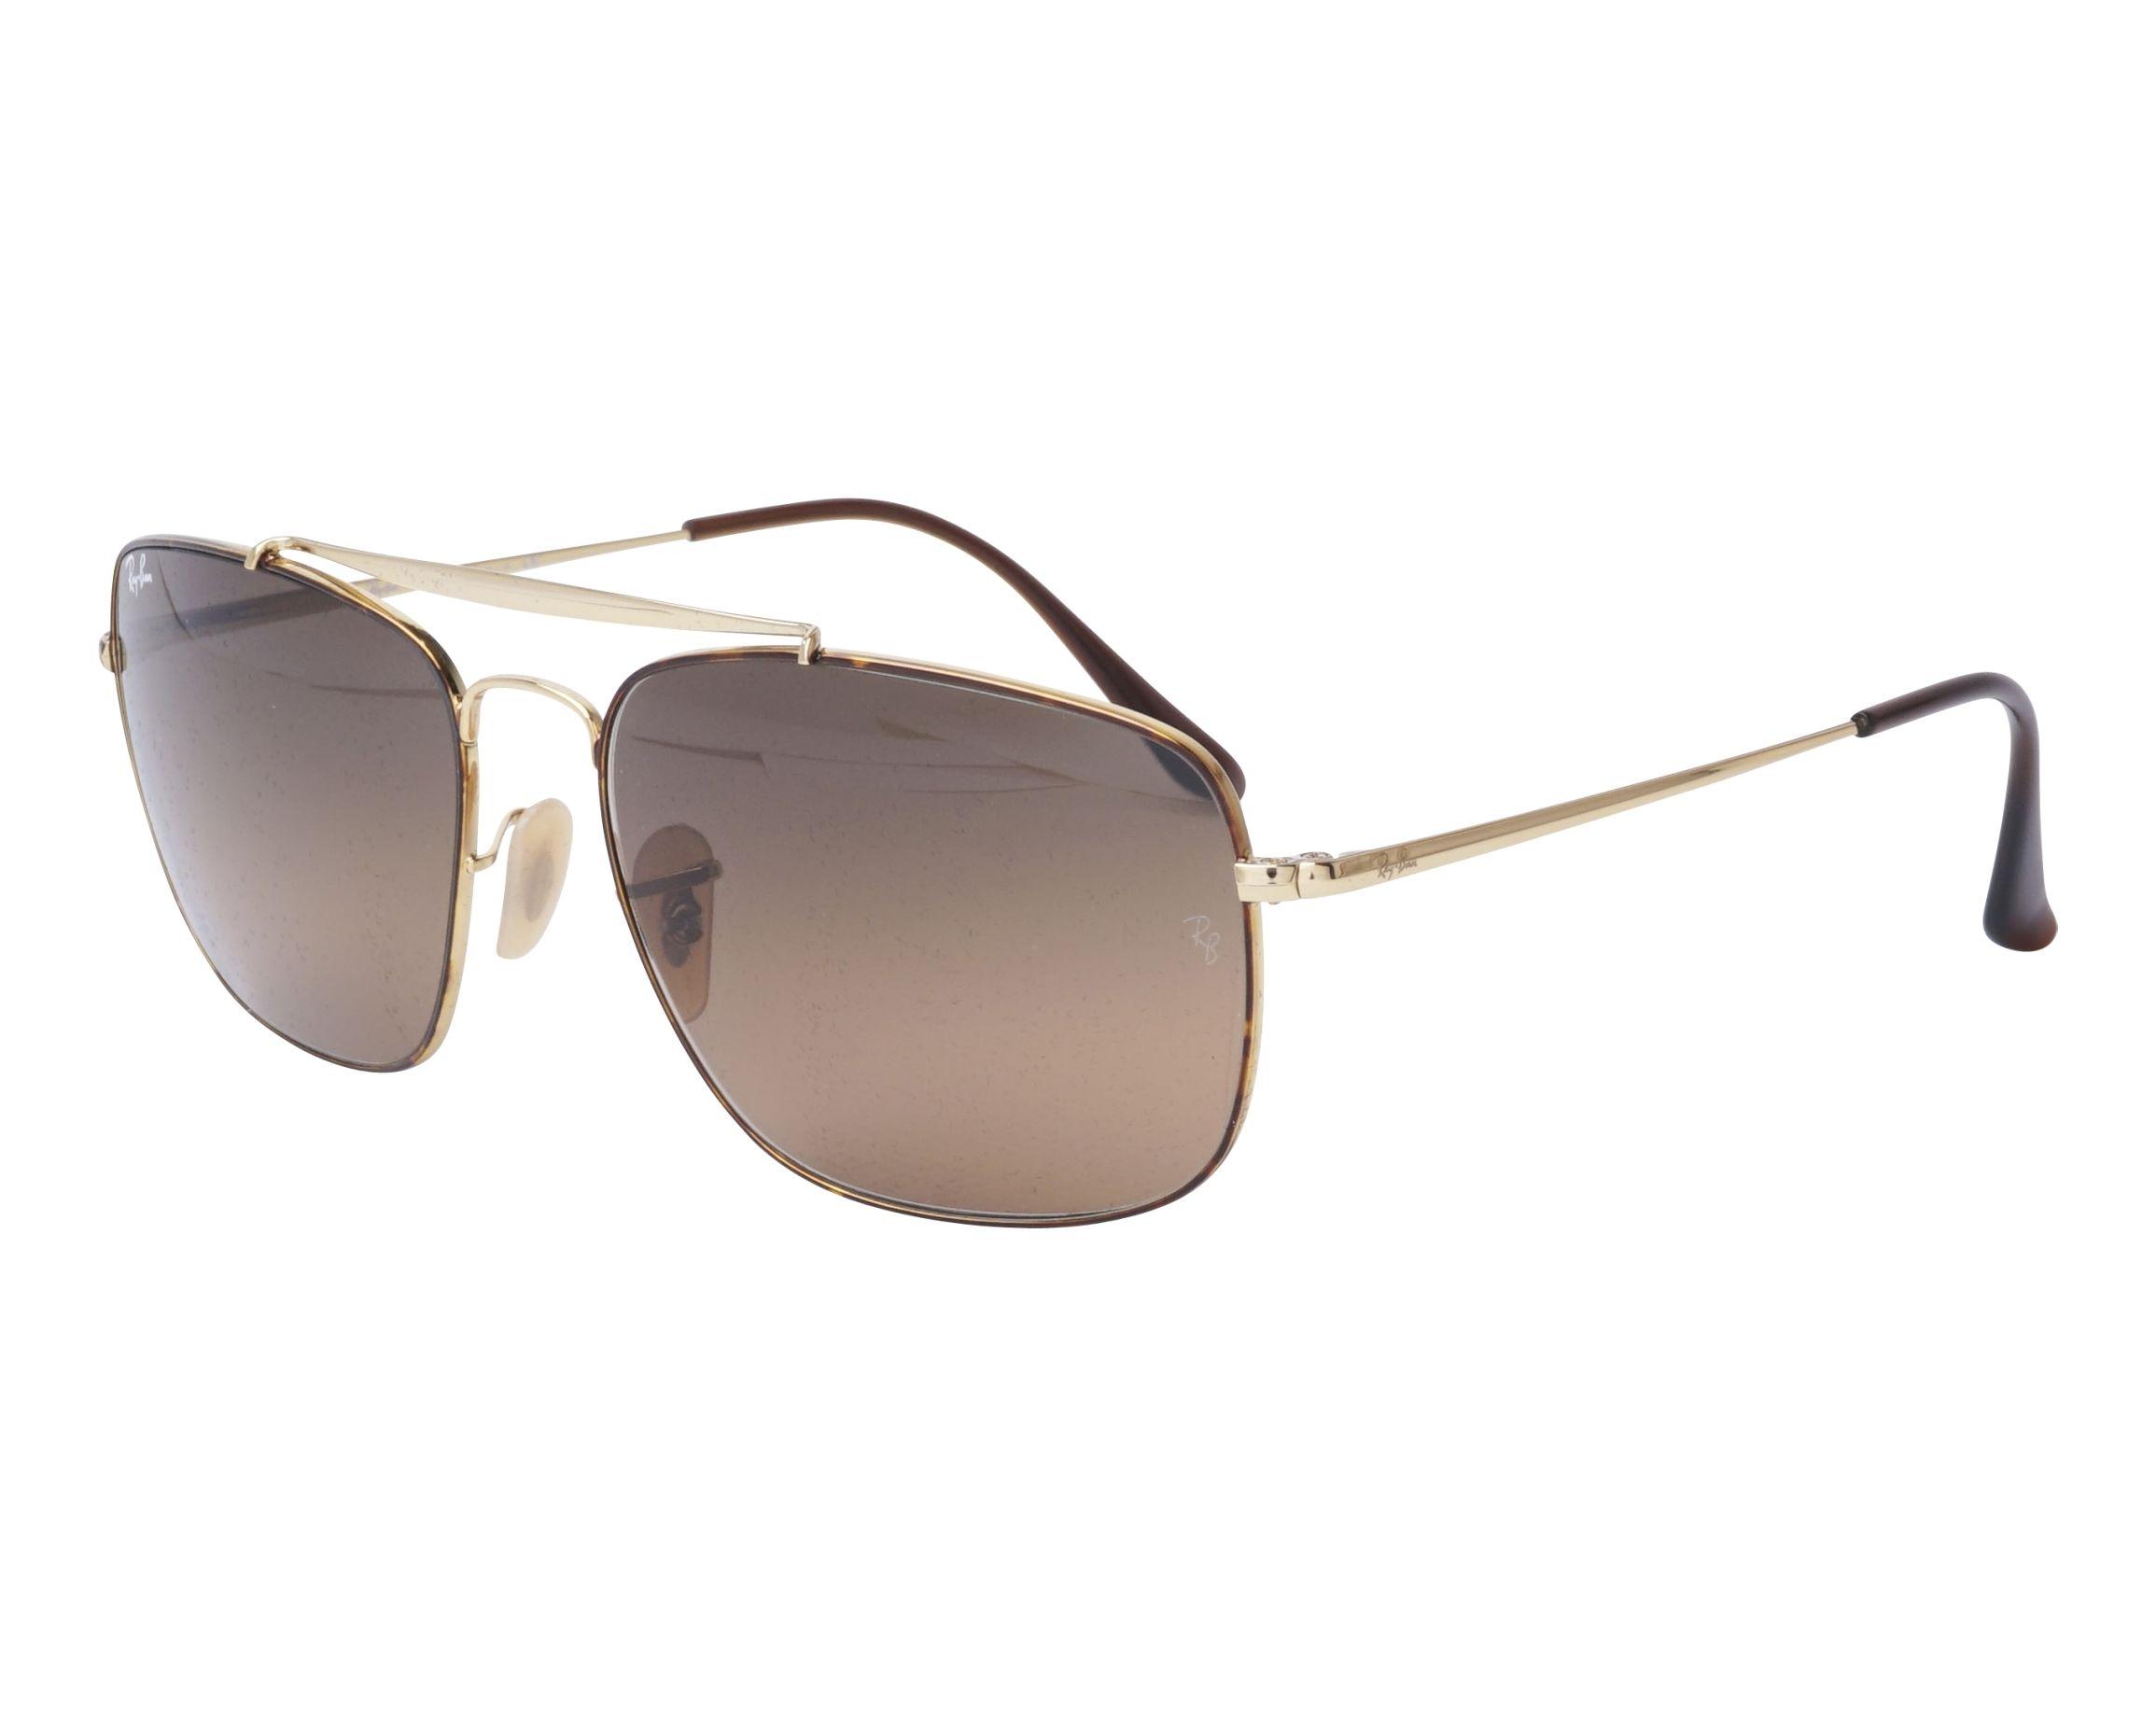 460da55150 Gafas de sol Ray-Ban RB-3560 910443 58-17 Oro Havana vista